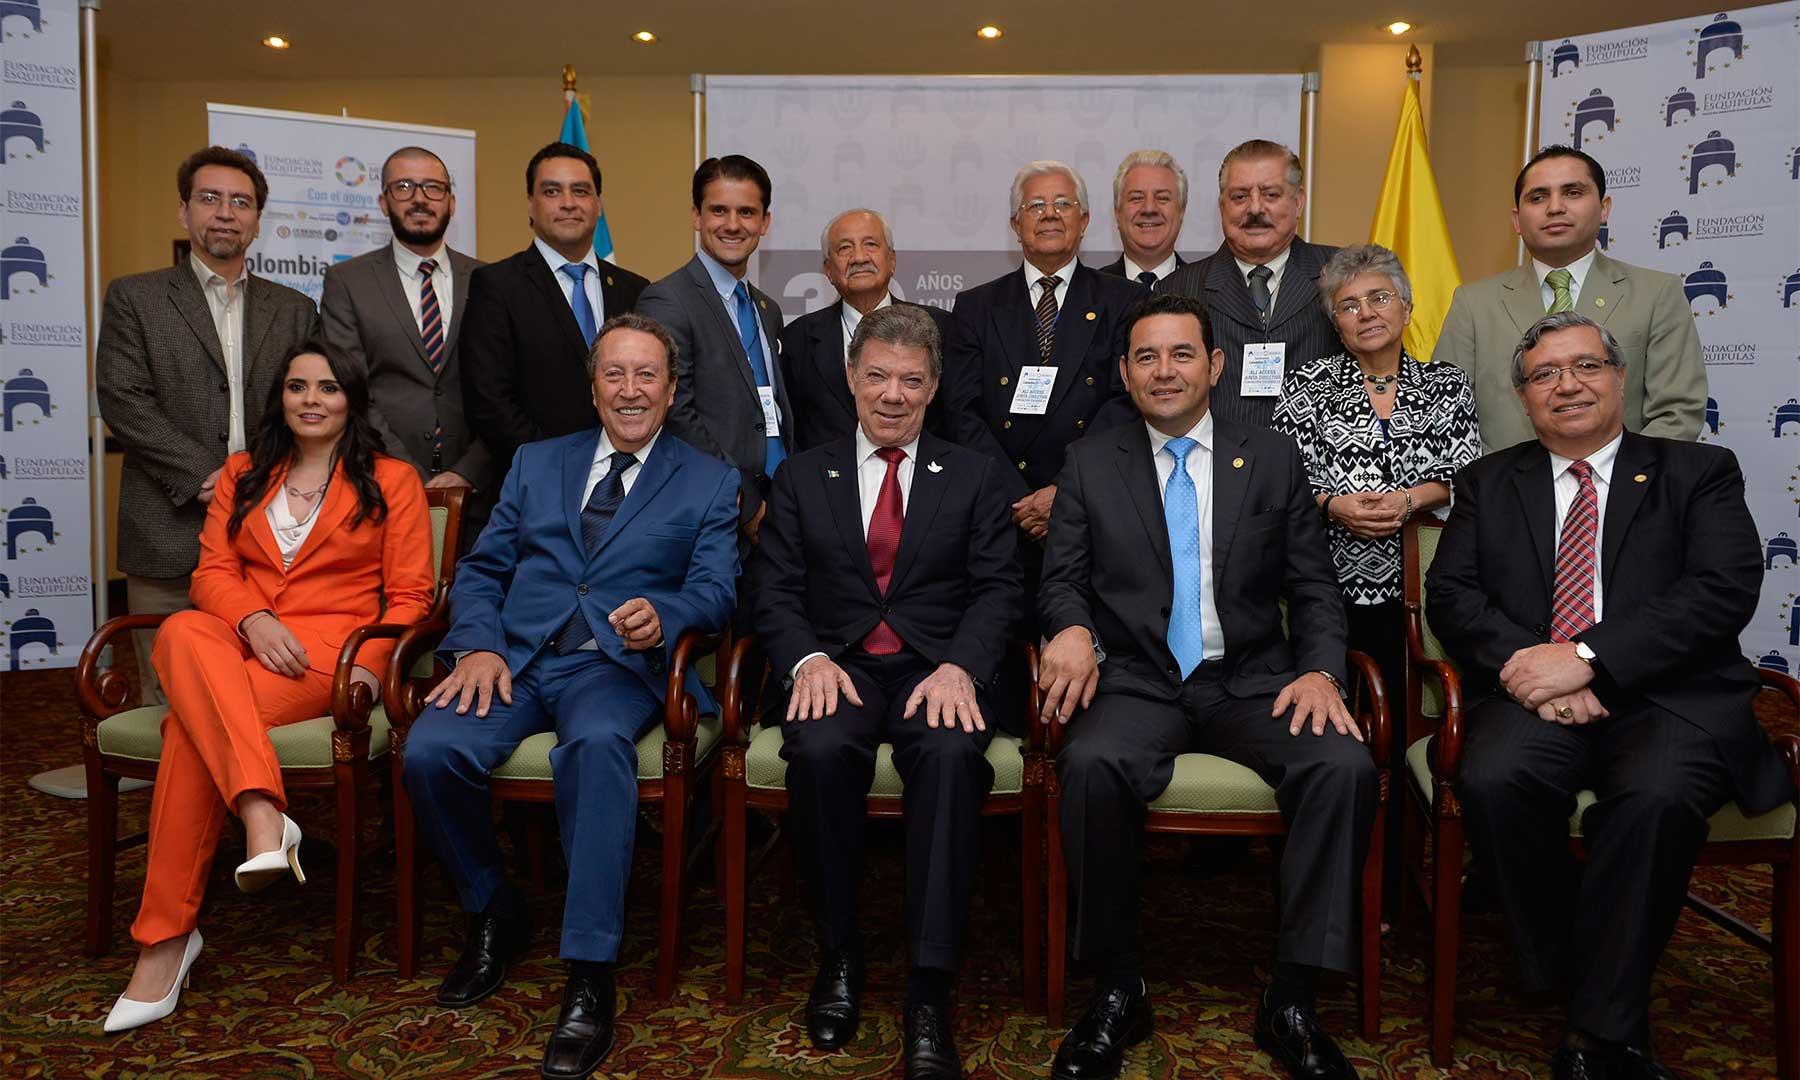 El Jefe del Estado colombiano, acompañado por el expresidente guatemalteco Vinicio Cerezo, y por el actual mandatario de Guatemala, Jimmy Morales, poco antes de intervenir en el Foro de Esquipulas 2016